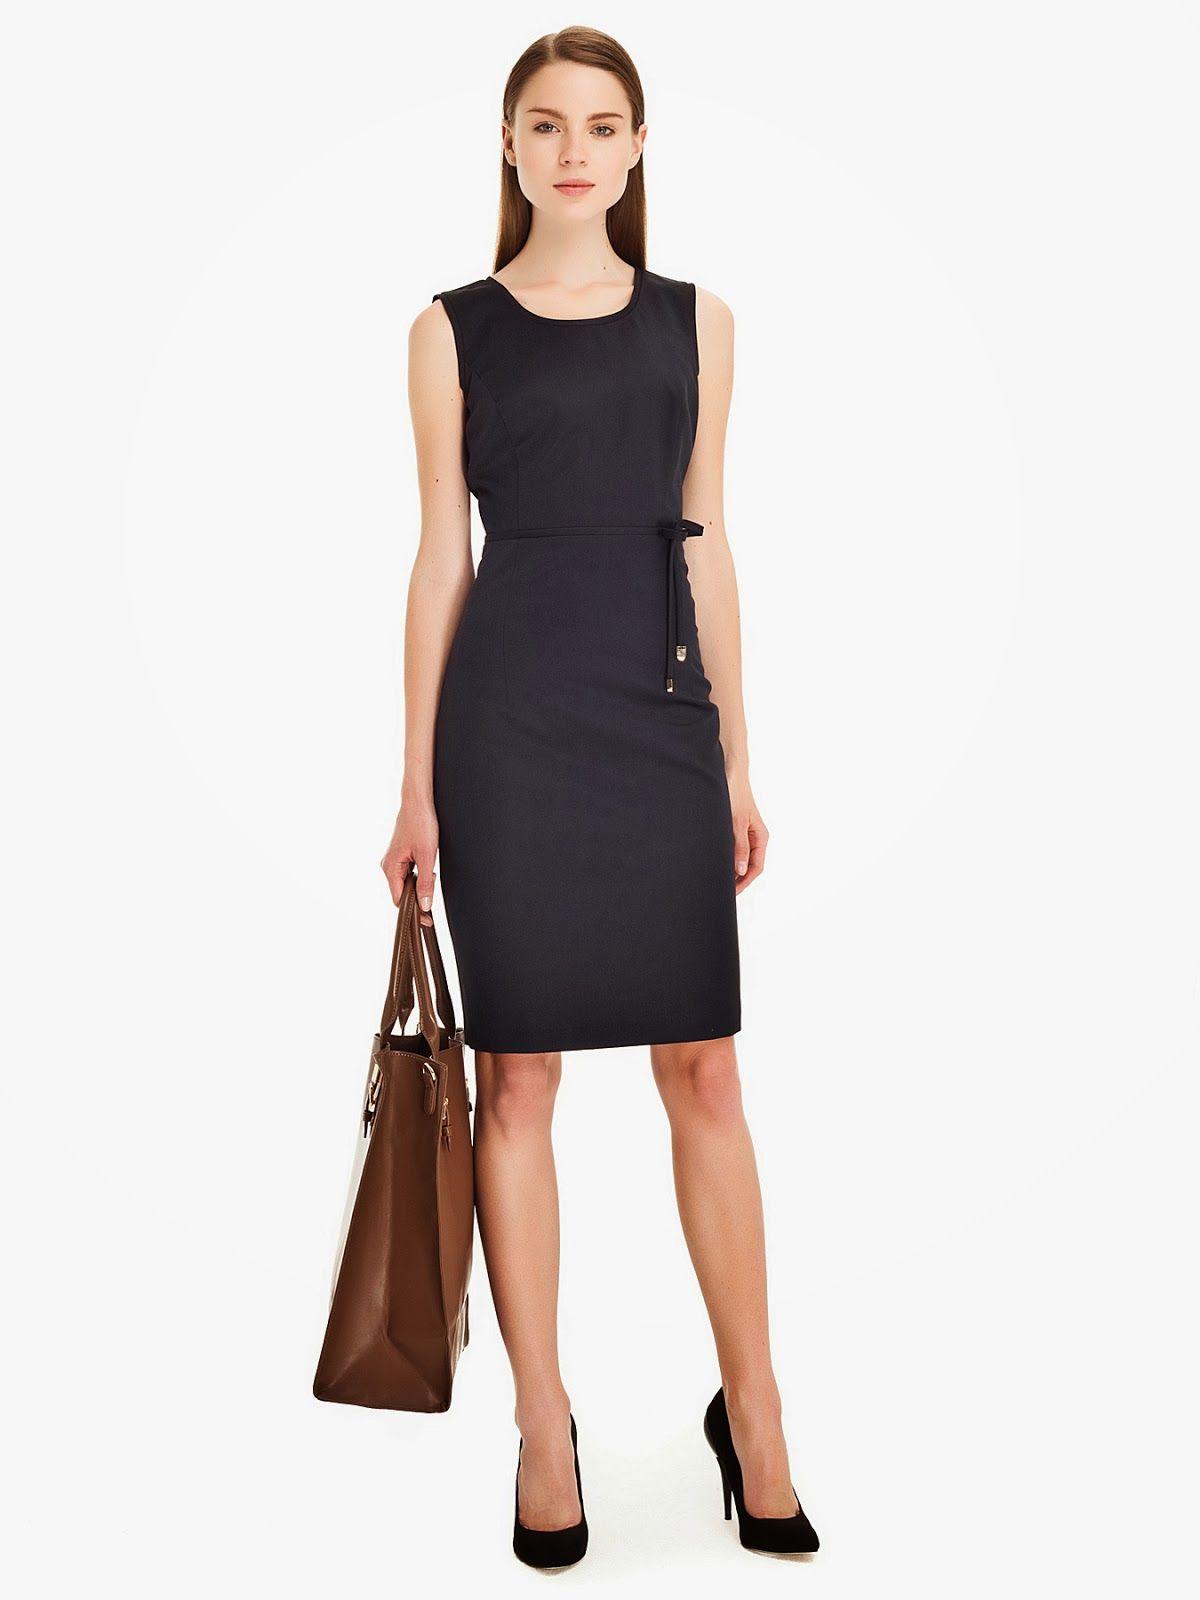 Abiye Budur 2014 Abiye Ve Elbise Modelleri Ipekyol 2014 Elbise Modelleri Elbiseler Mini Elbiseler Elbise Modelleri